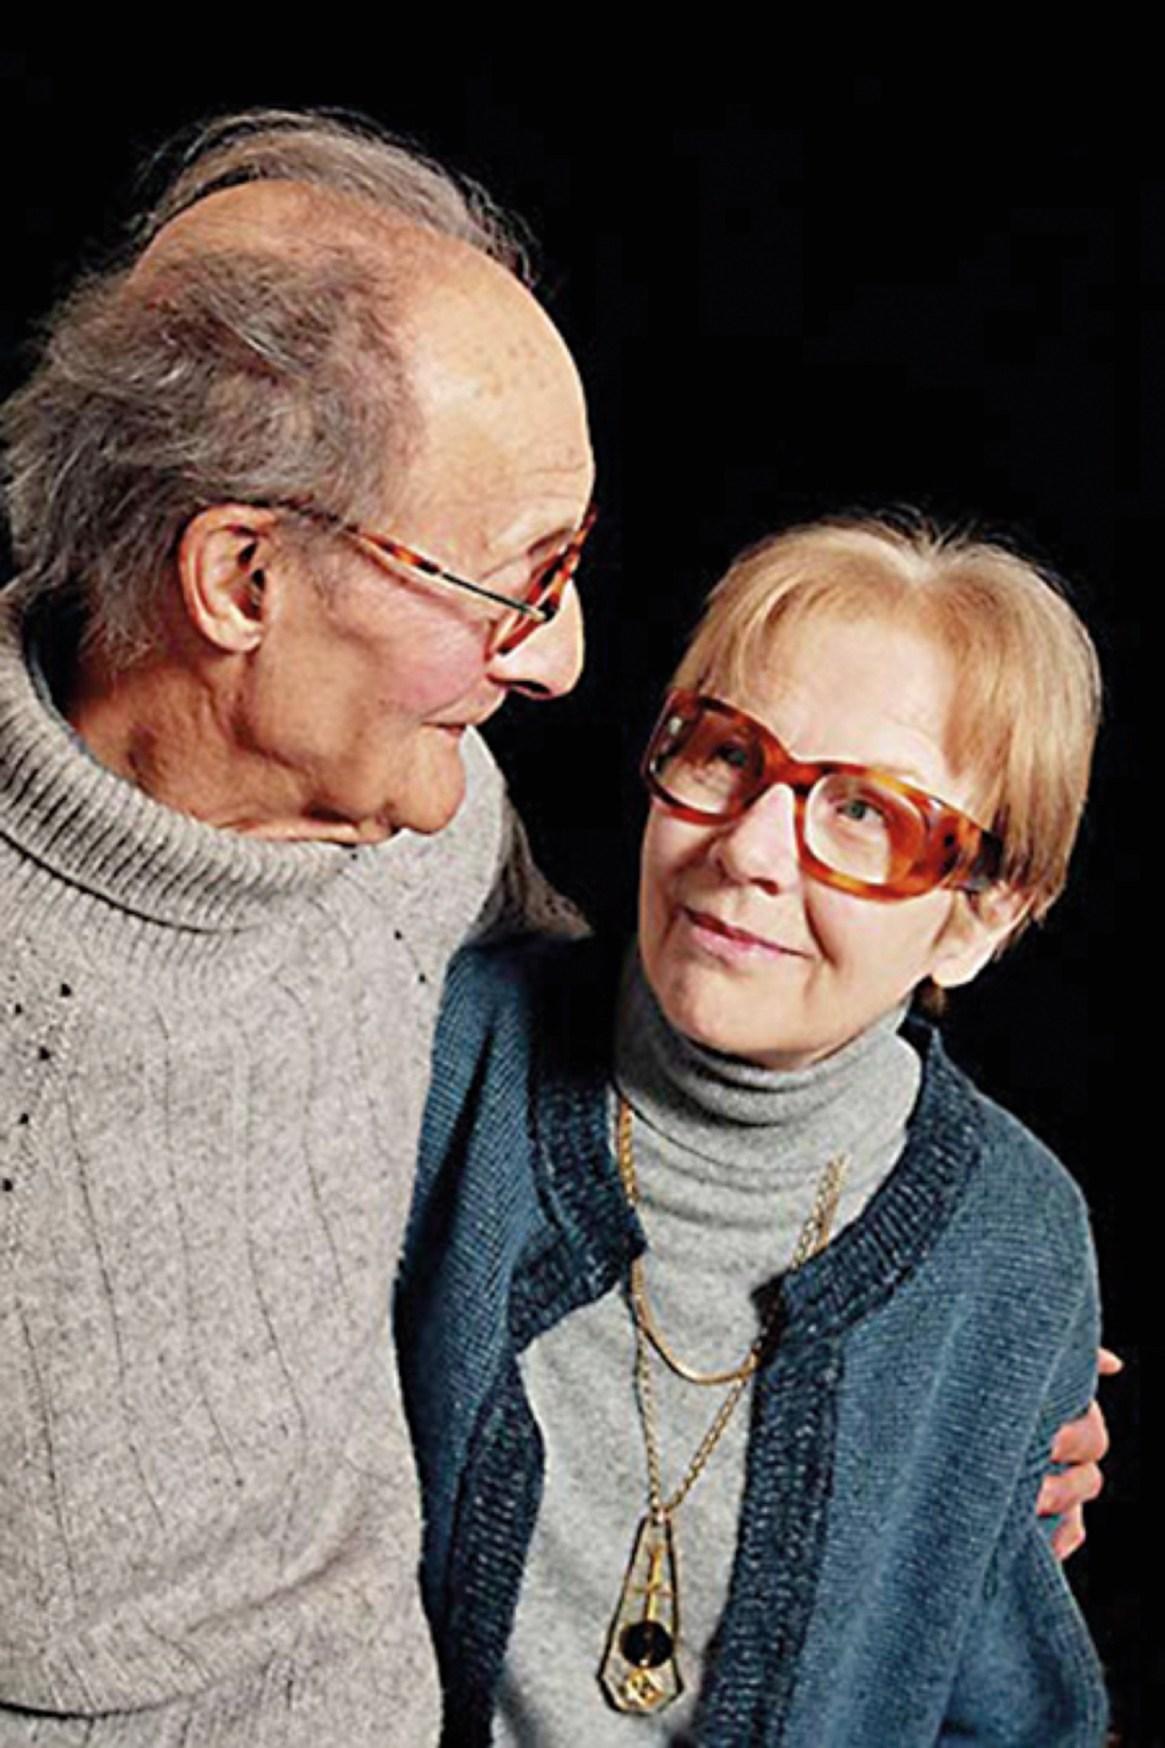 Fueran encontrados muertos en su casa de Vosnon, en Francia, en septiembre de 2007.